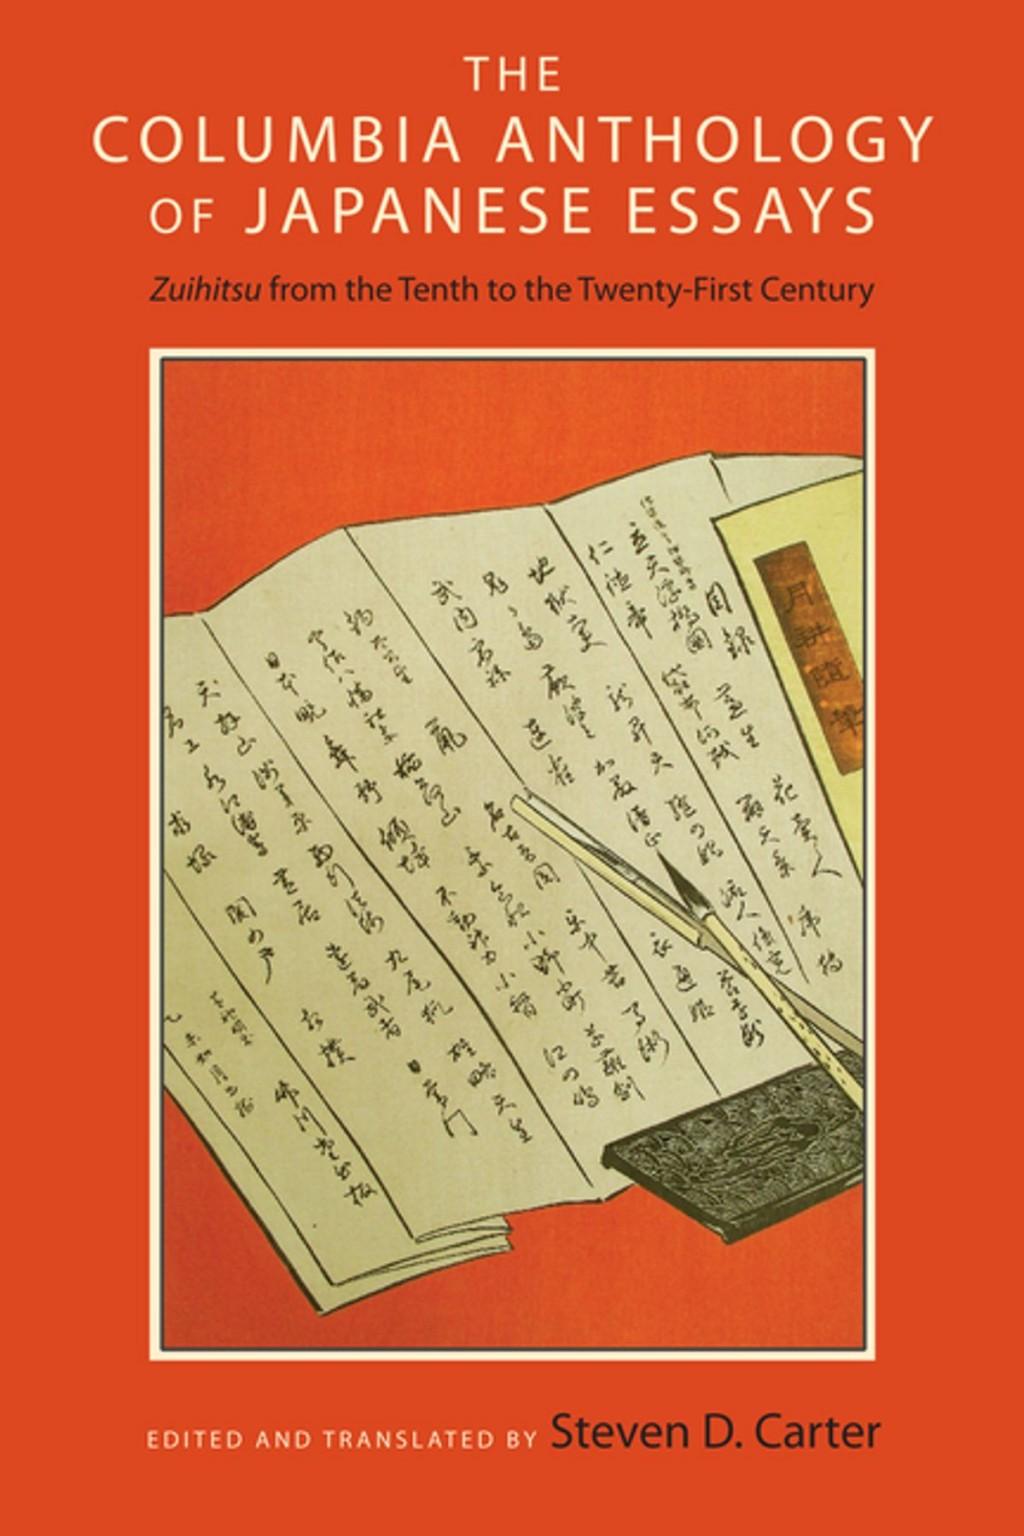 002 The Columbia Anthology Of Japanese Essays Essay Shocking Mba That Worked Undergraduate Large